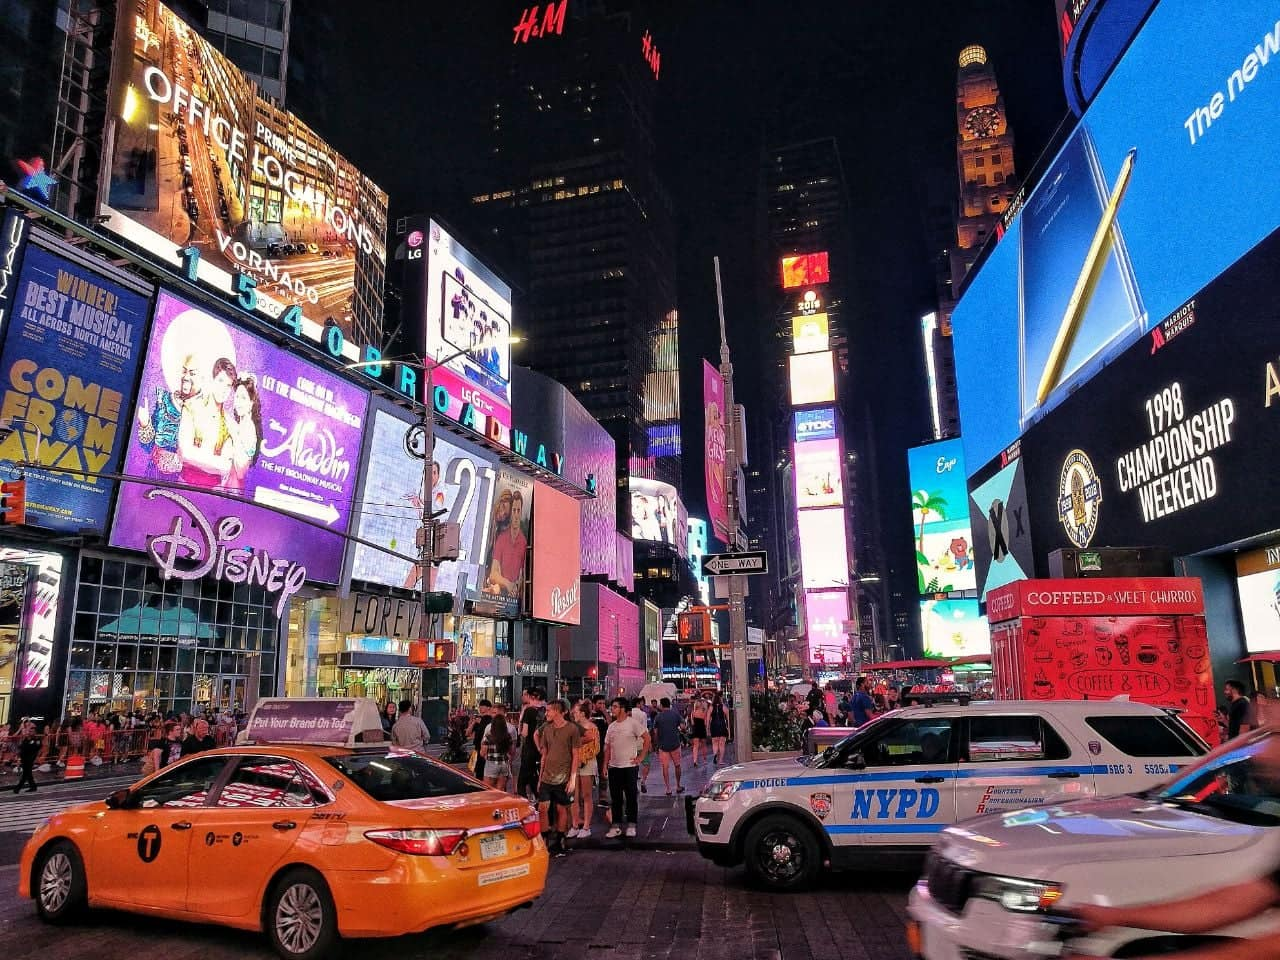 New york le attrazioni da non perdere 2duerighe for Da non perdere a new york